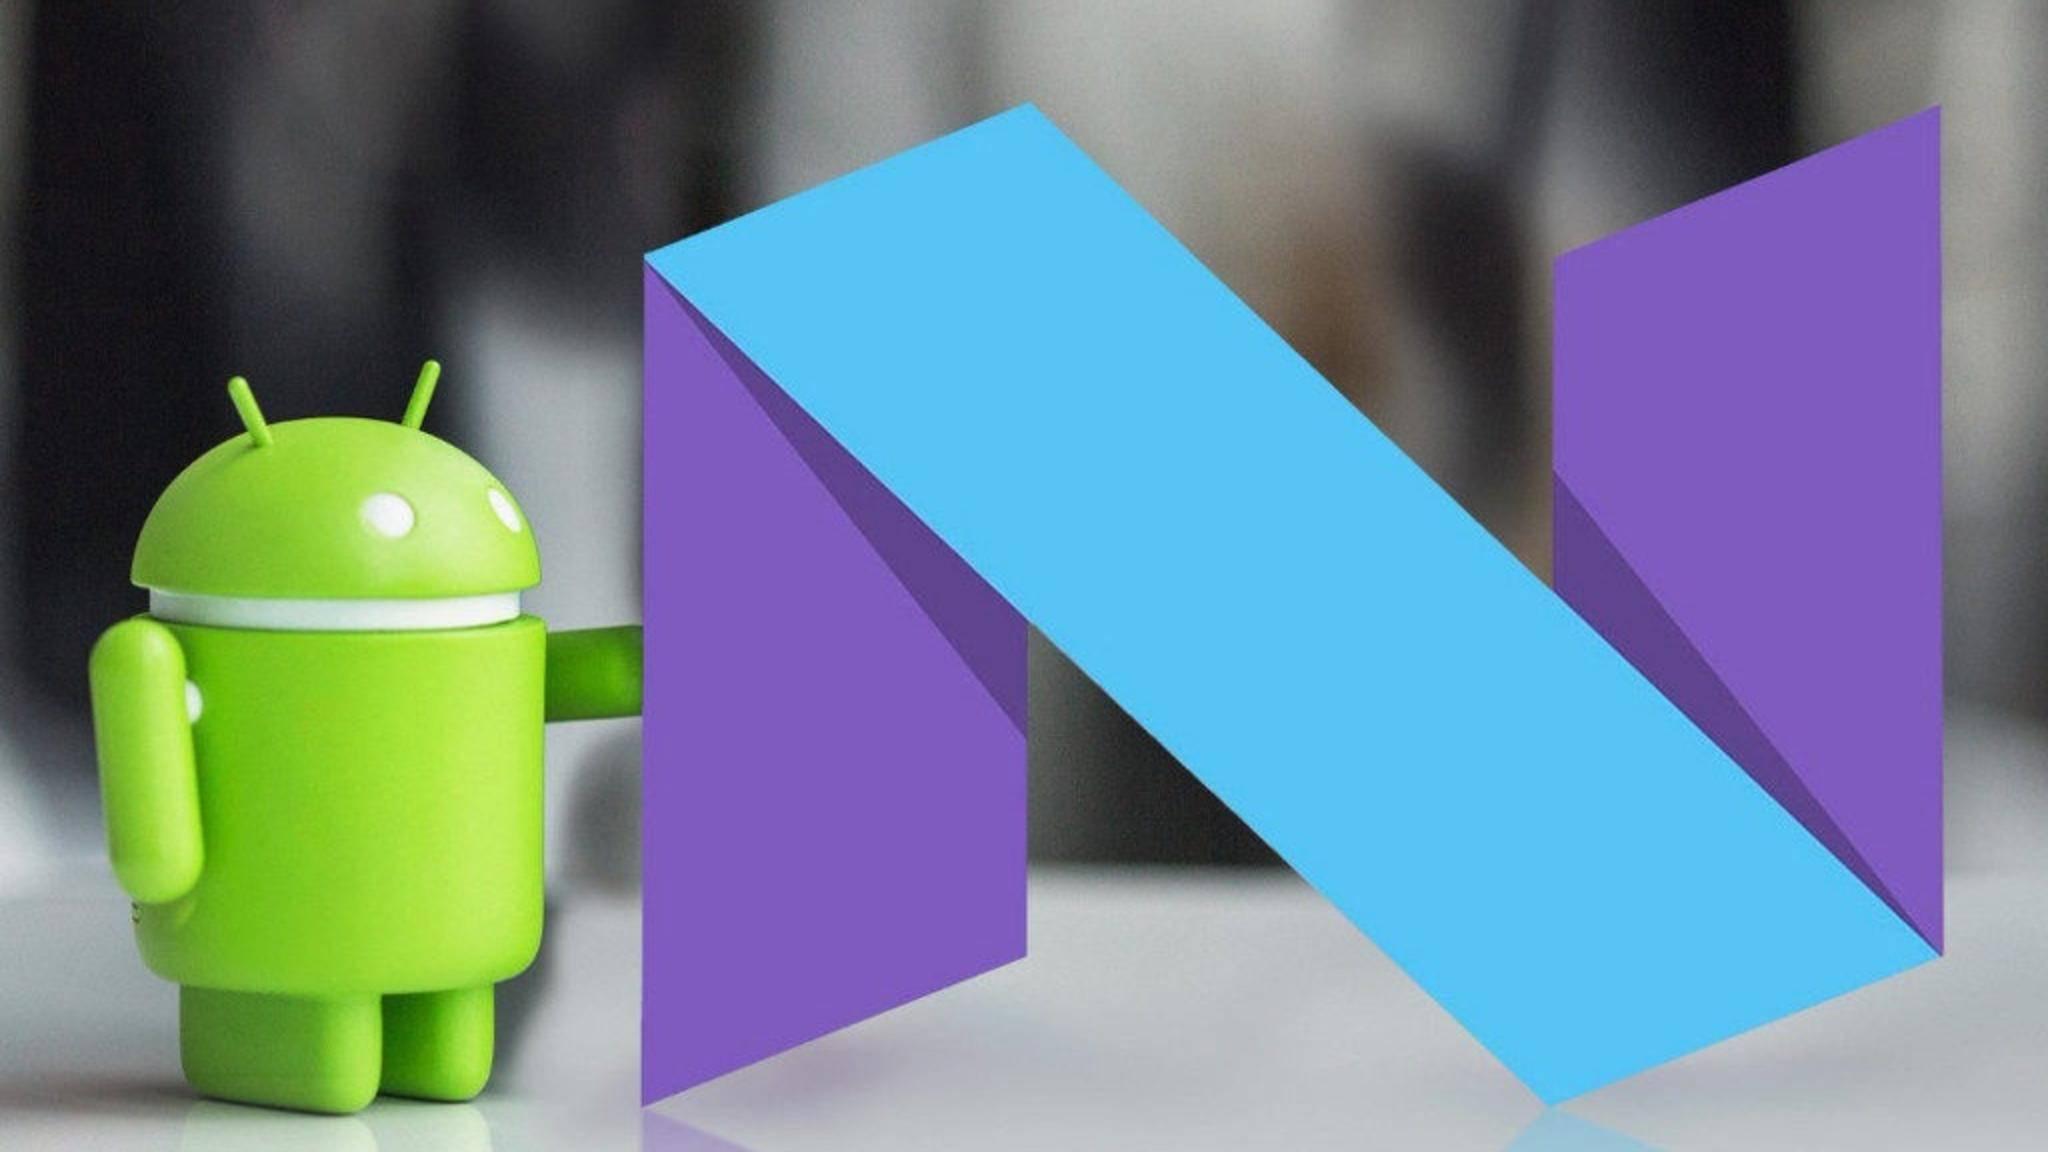 Nicht alle Nexus-Smartphones erhalten Android Nougat 7.1.2.